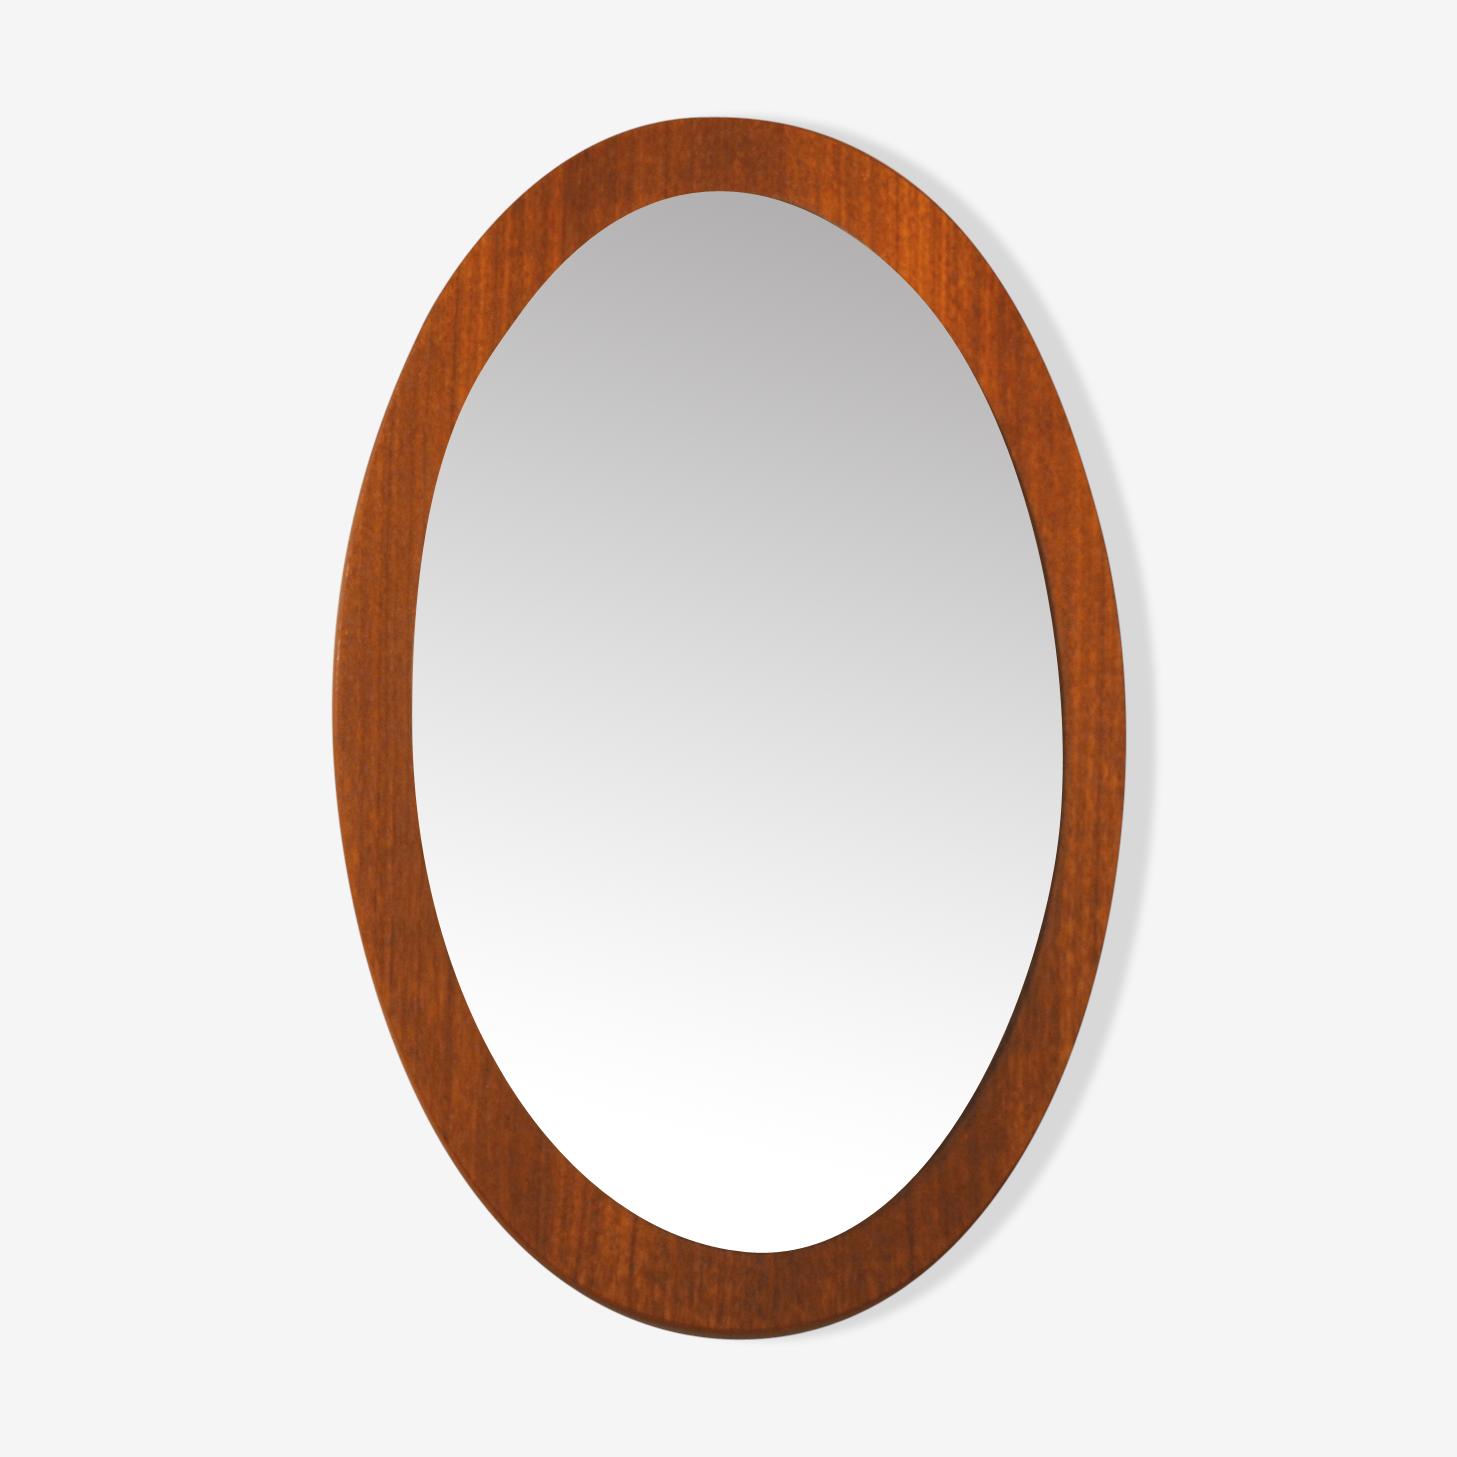 Miroir scandinave en teck années 60 ovale 57 x 37 cm